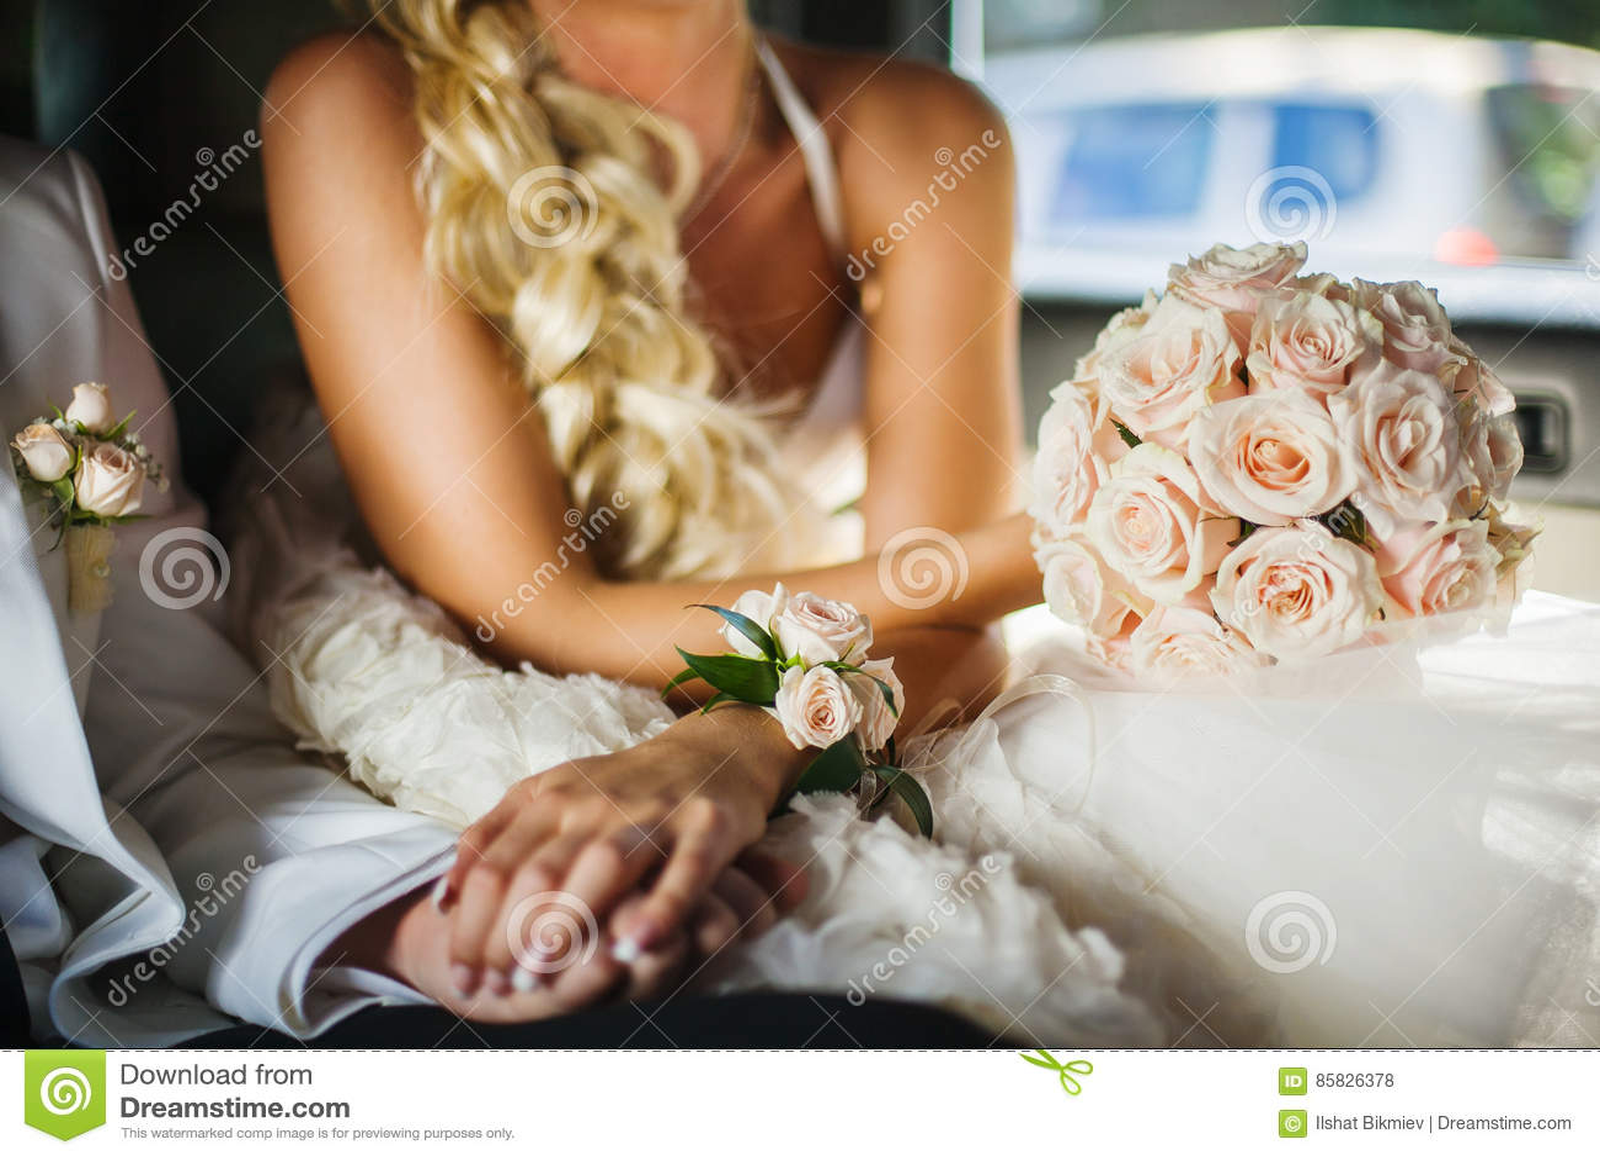 Braut Und Brautigam Handchenhalten Im Auto Stockfoto Bild Von